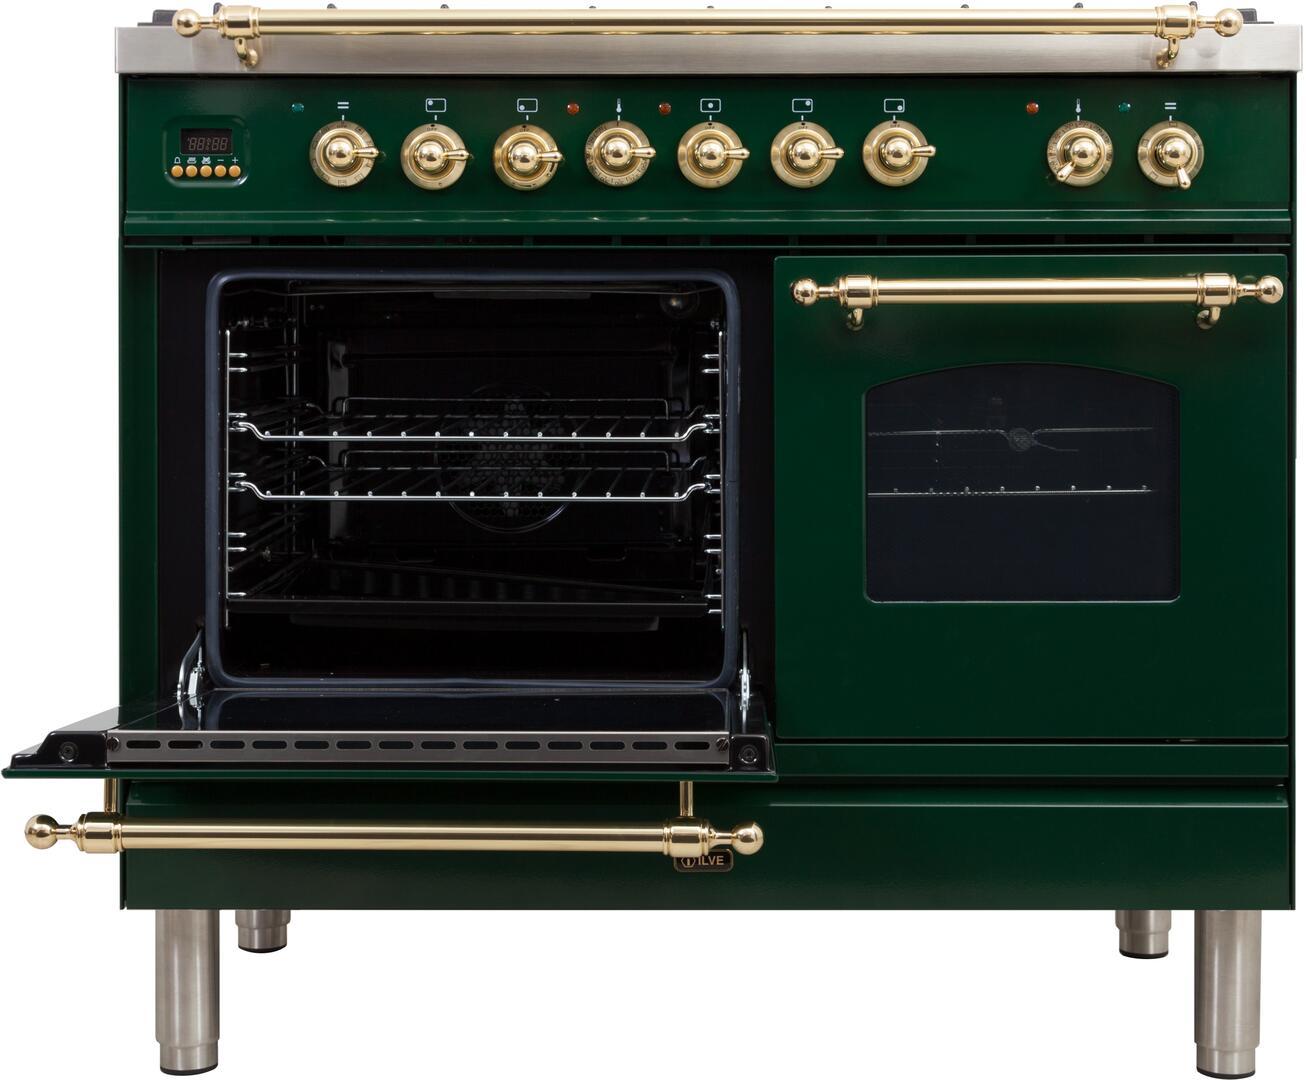 Ilve Nostalgie UPDN100FDMPVSLP Freestanding Dual Fuel Range Green, UPDN100FDMPVSLP Main Oven Door Opened